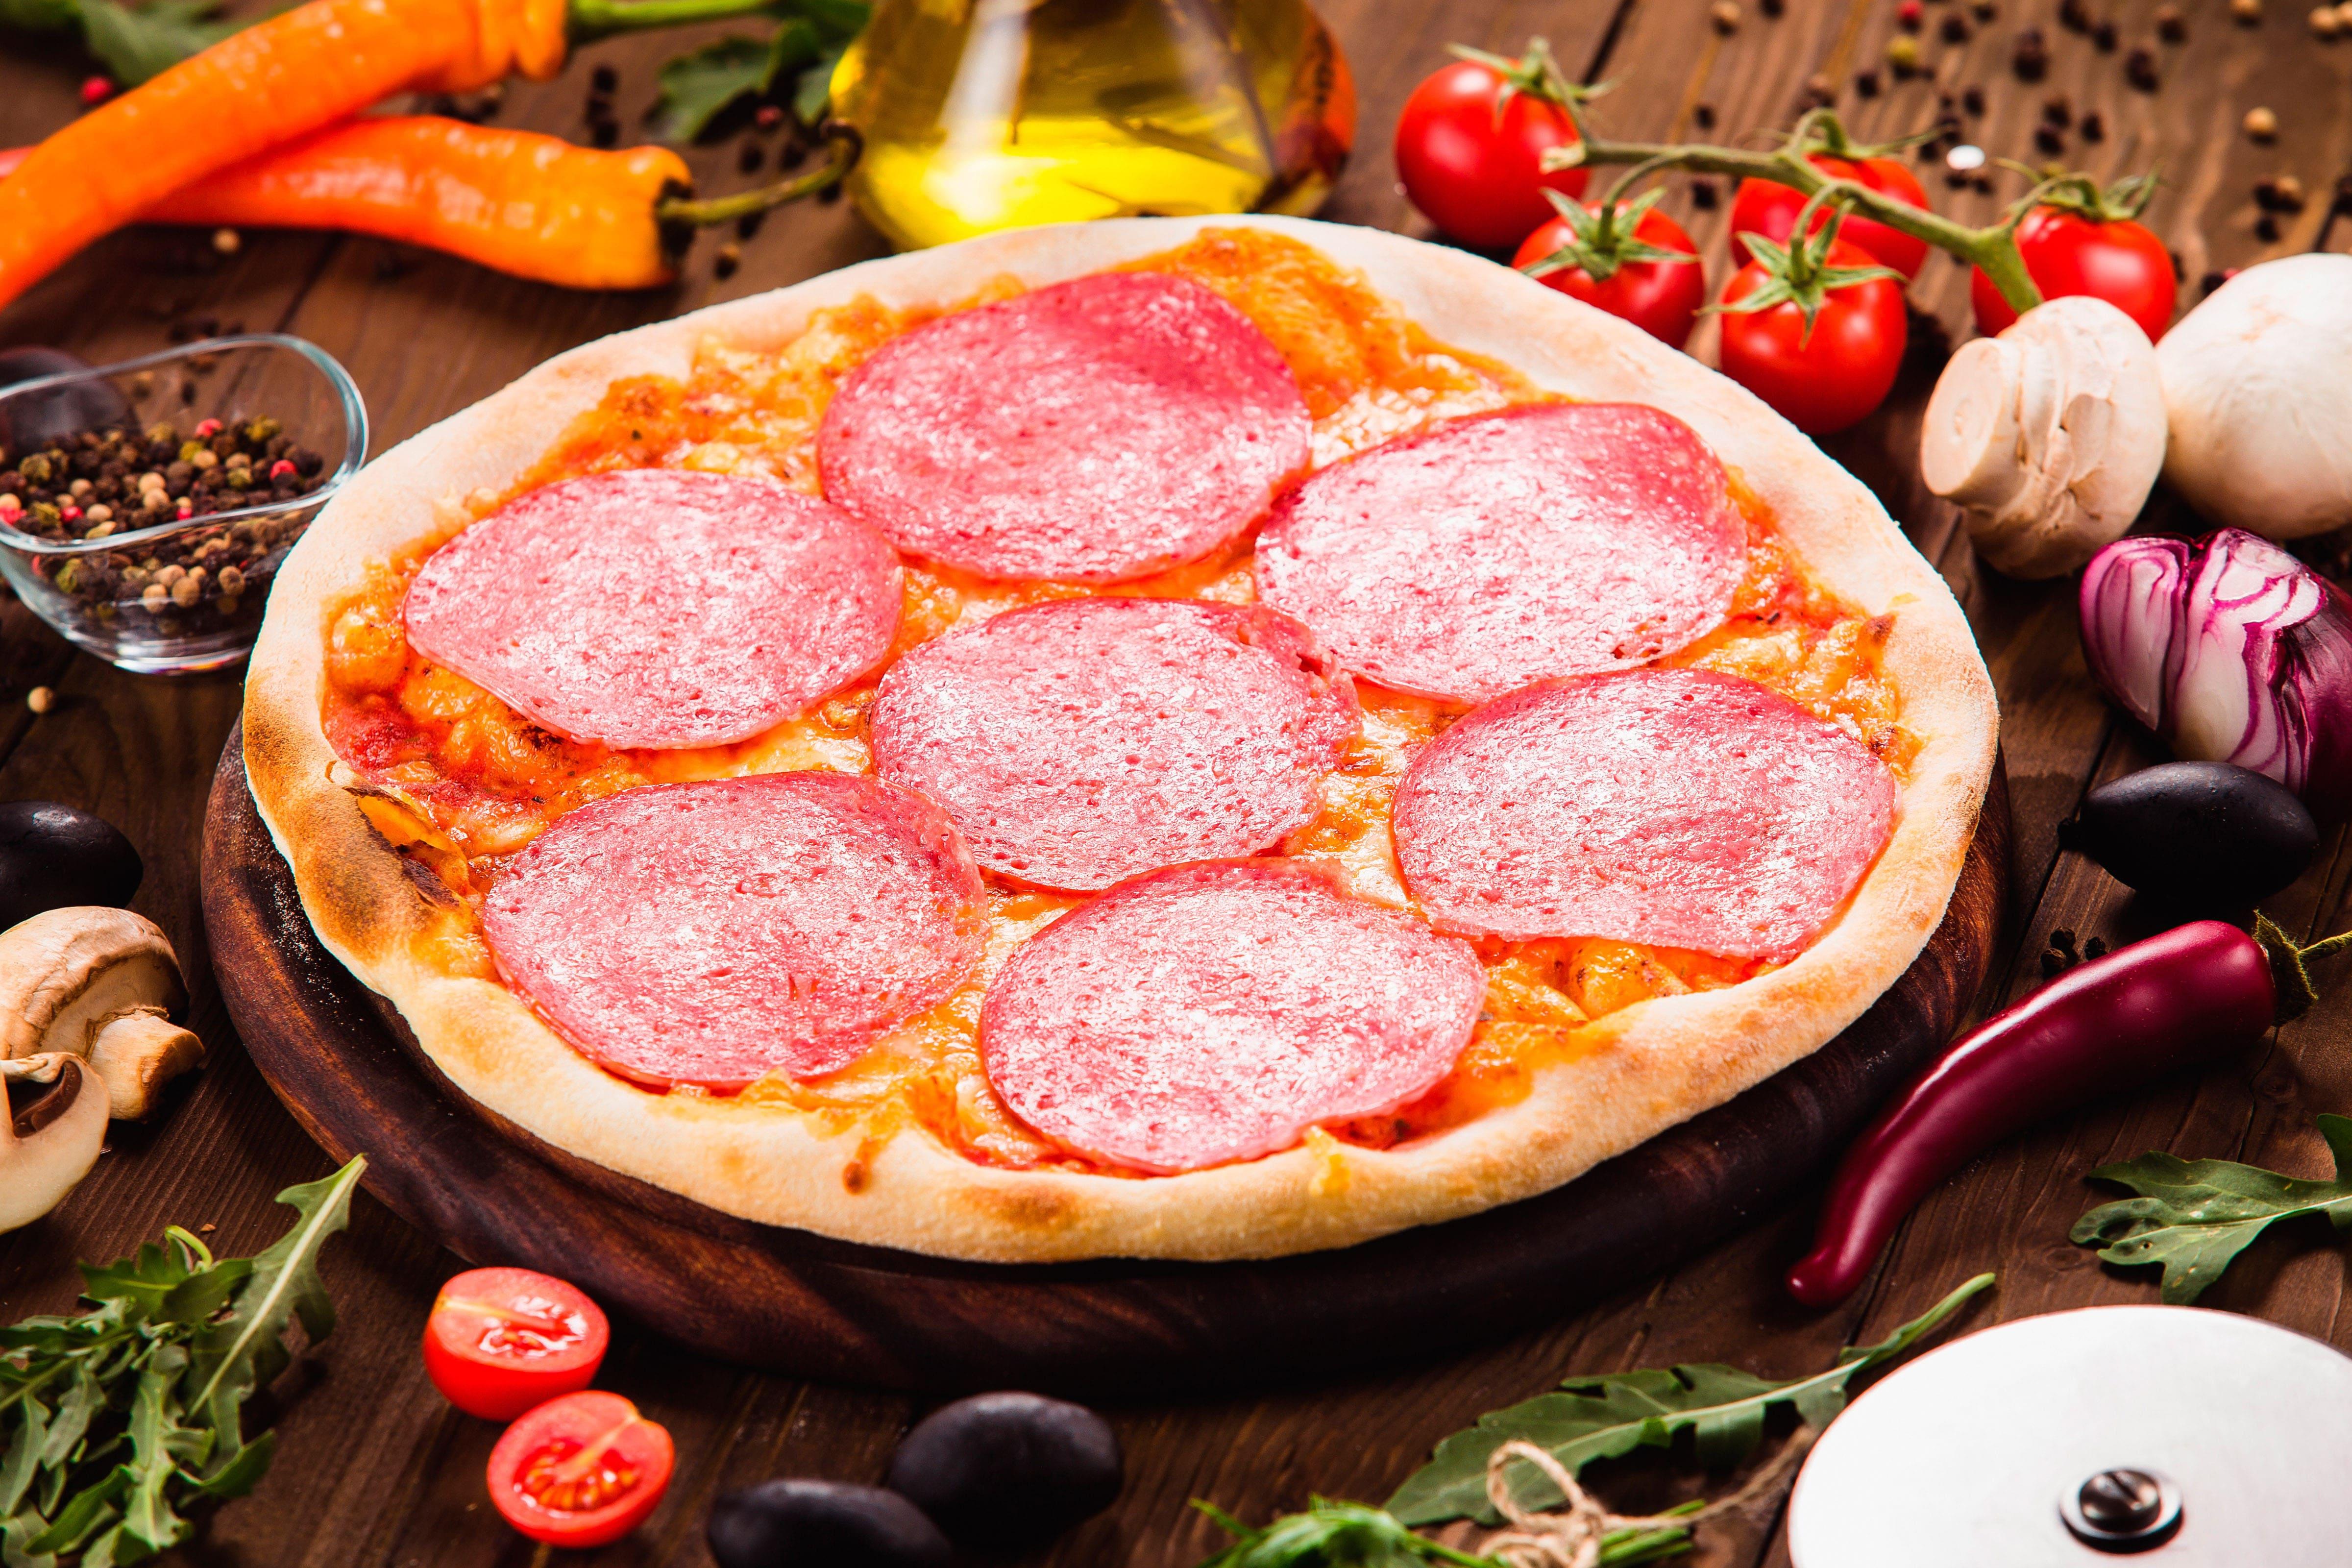 HDoboi.Kiev.ua - Пицца с салями и овощами, обои на айфон еда